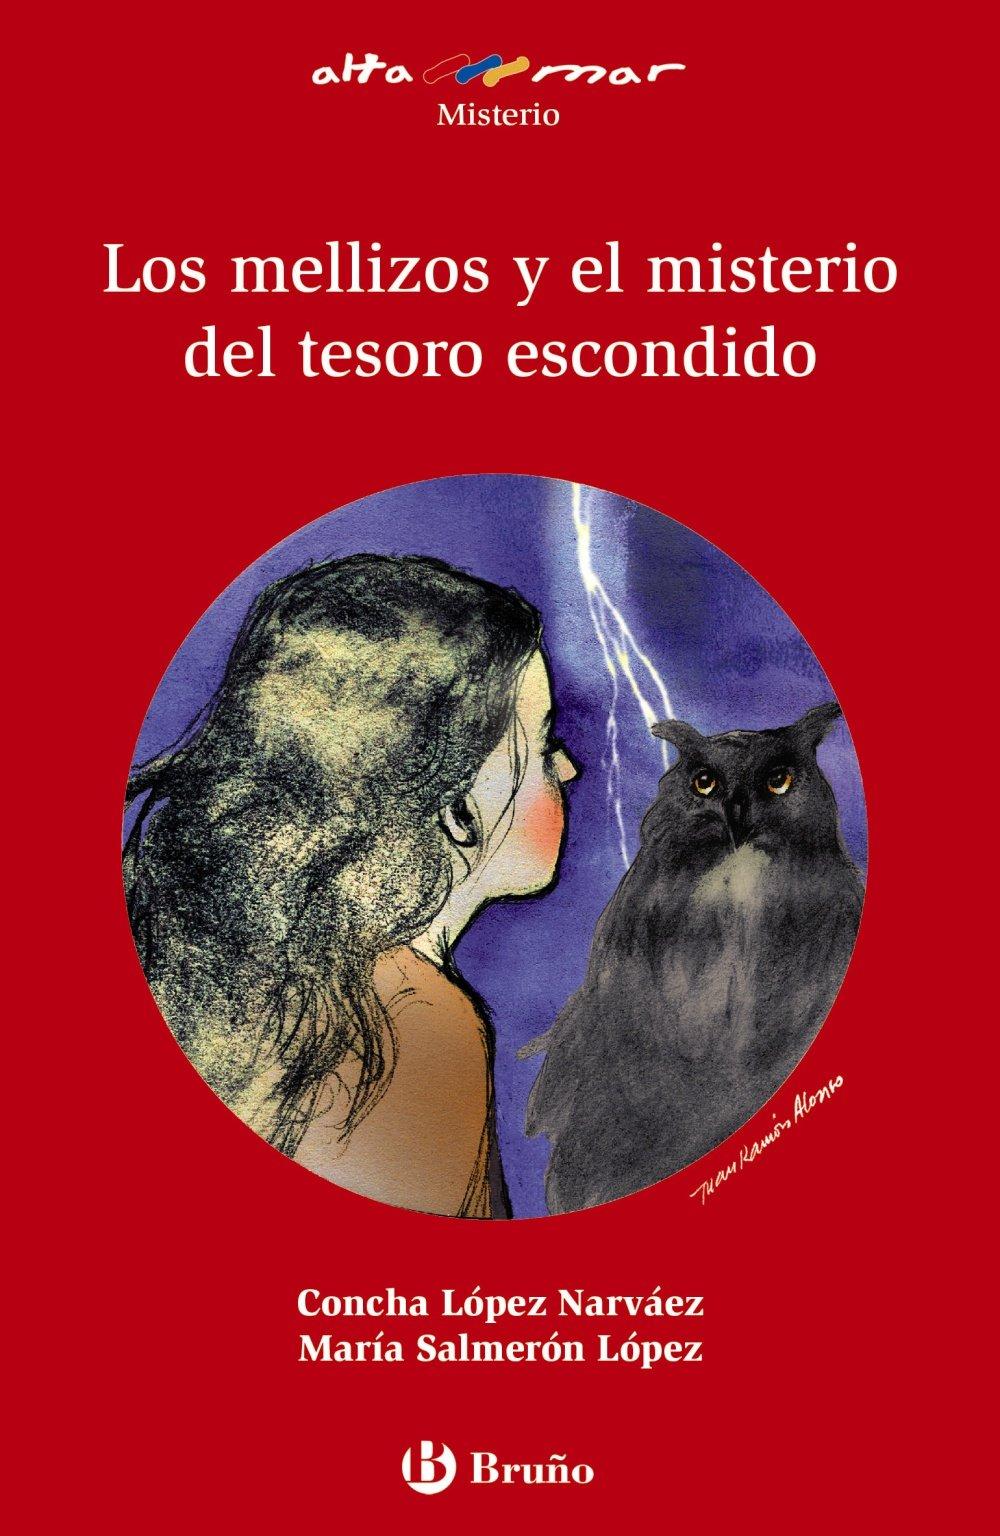 Los mellizos y el misterio del tesoro escondido (Spanish Edition) pdf